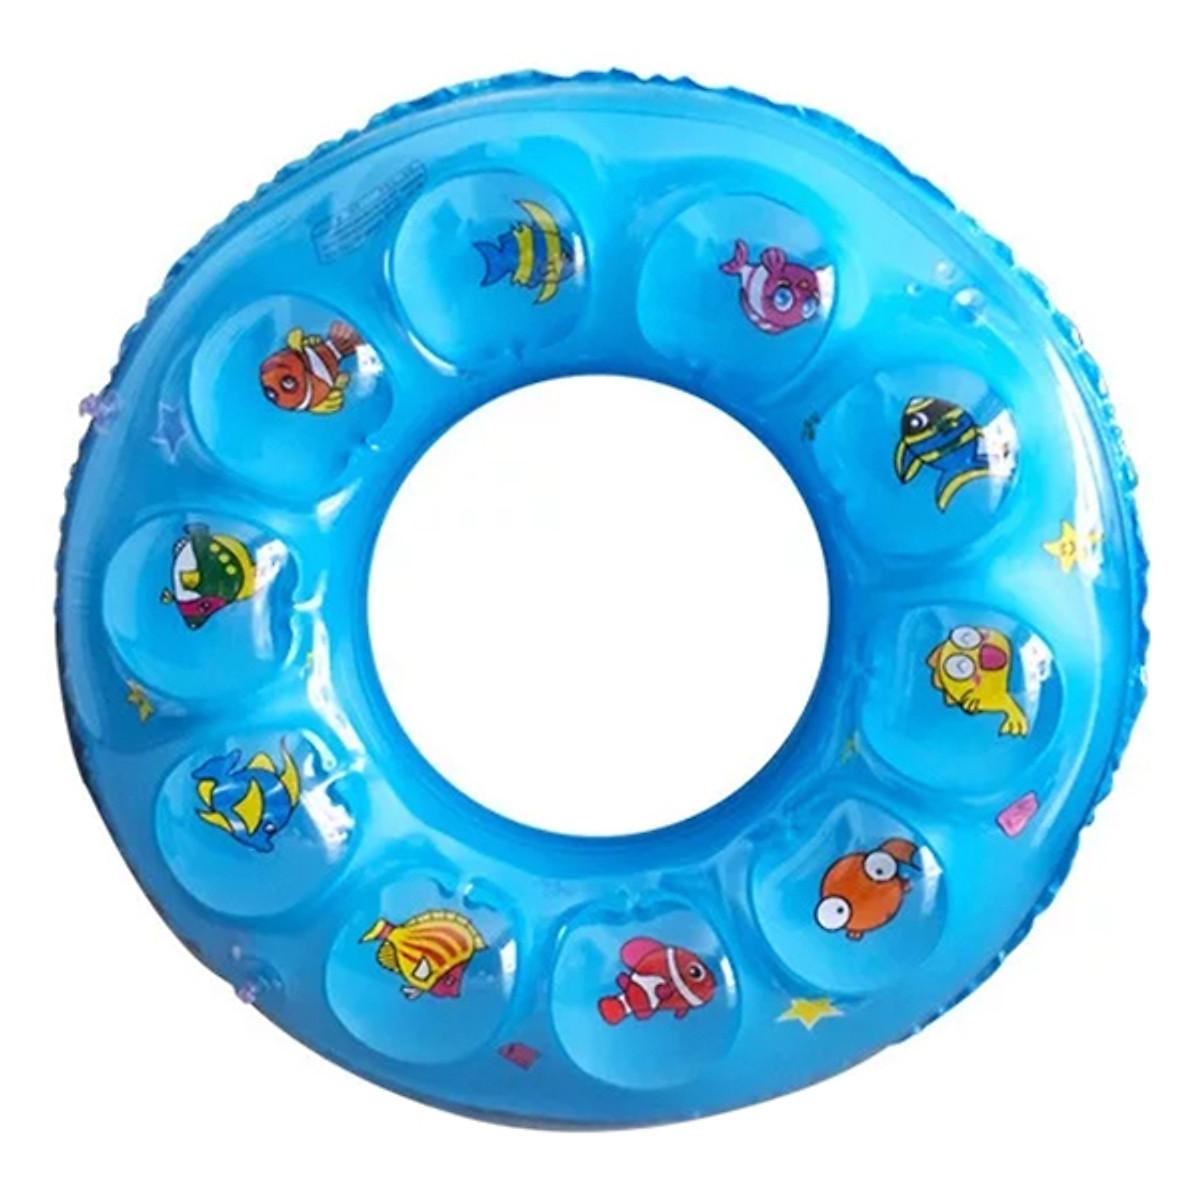 Phao Tròn Tập Bơi Cho Bé 60Cm - Giao Màu Ngẫu Nhiên